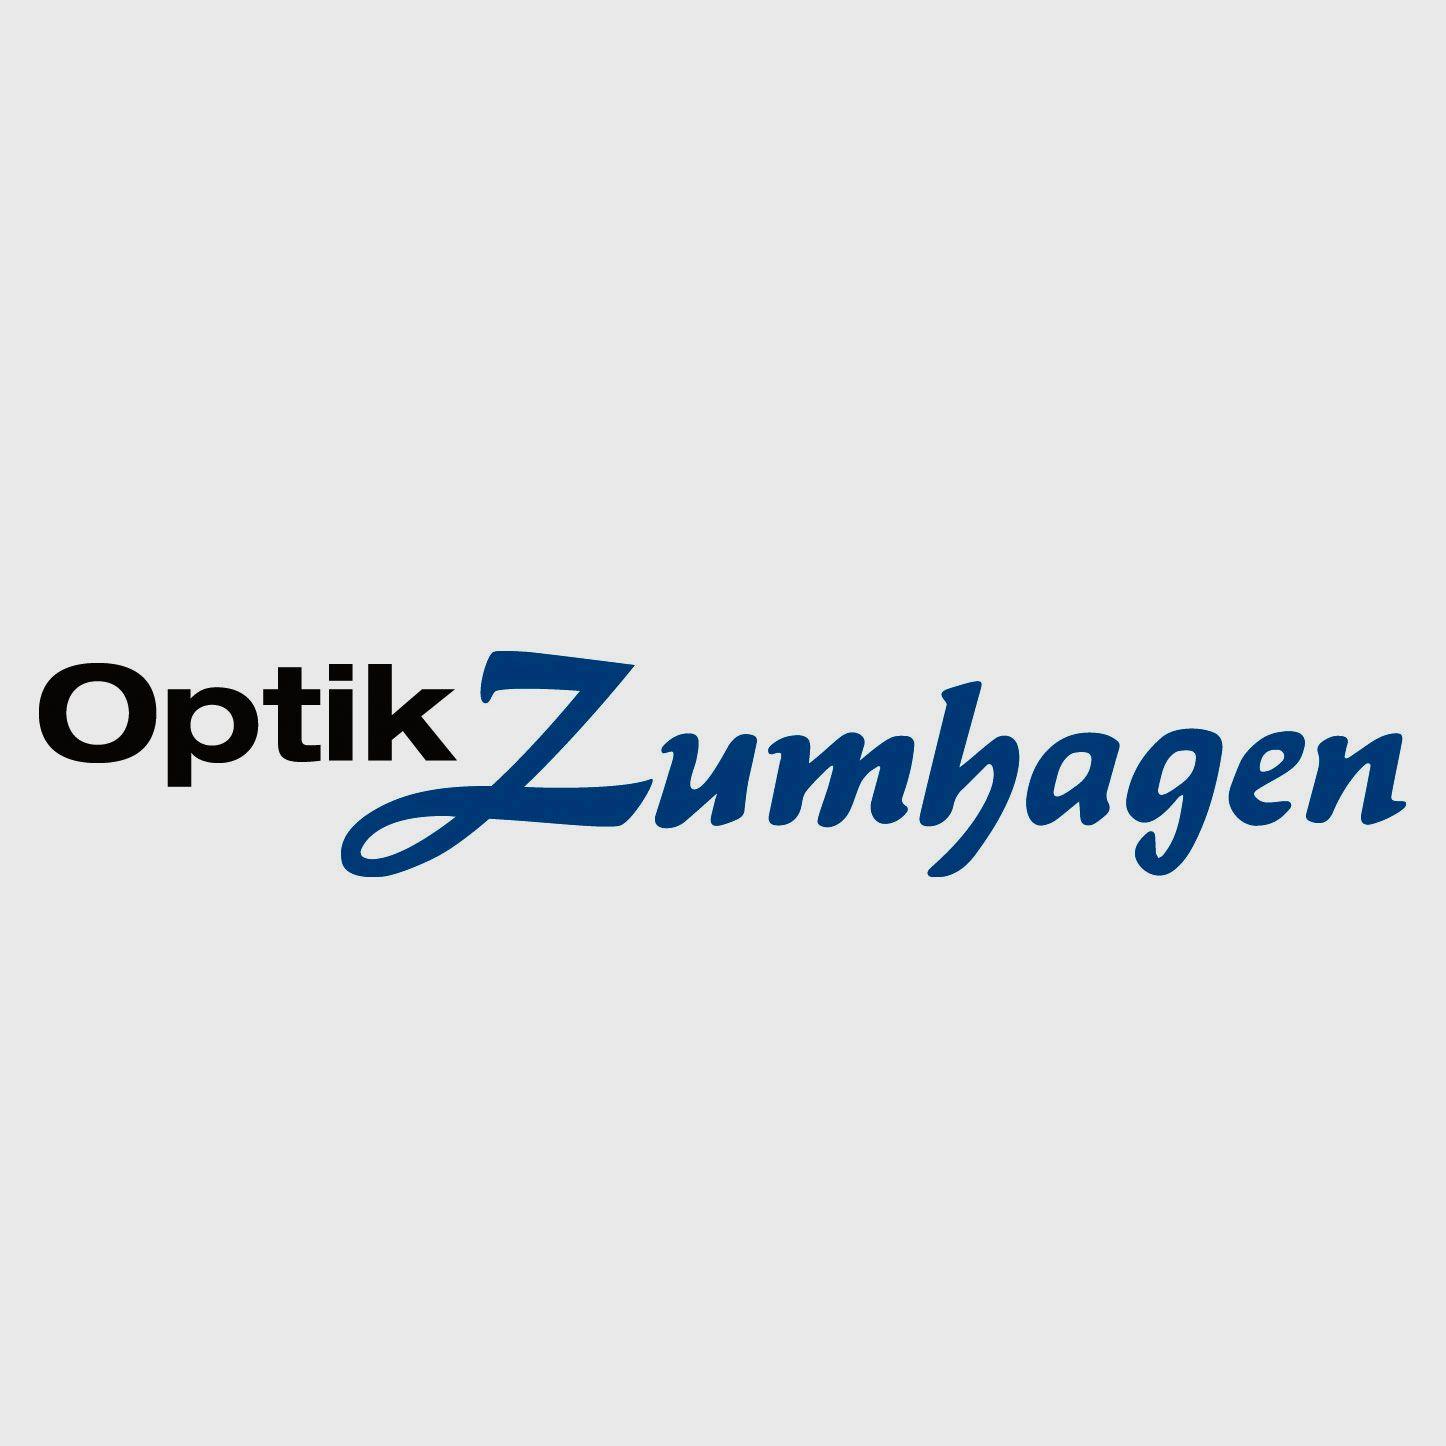 Optik Zumhagen